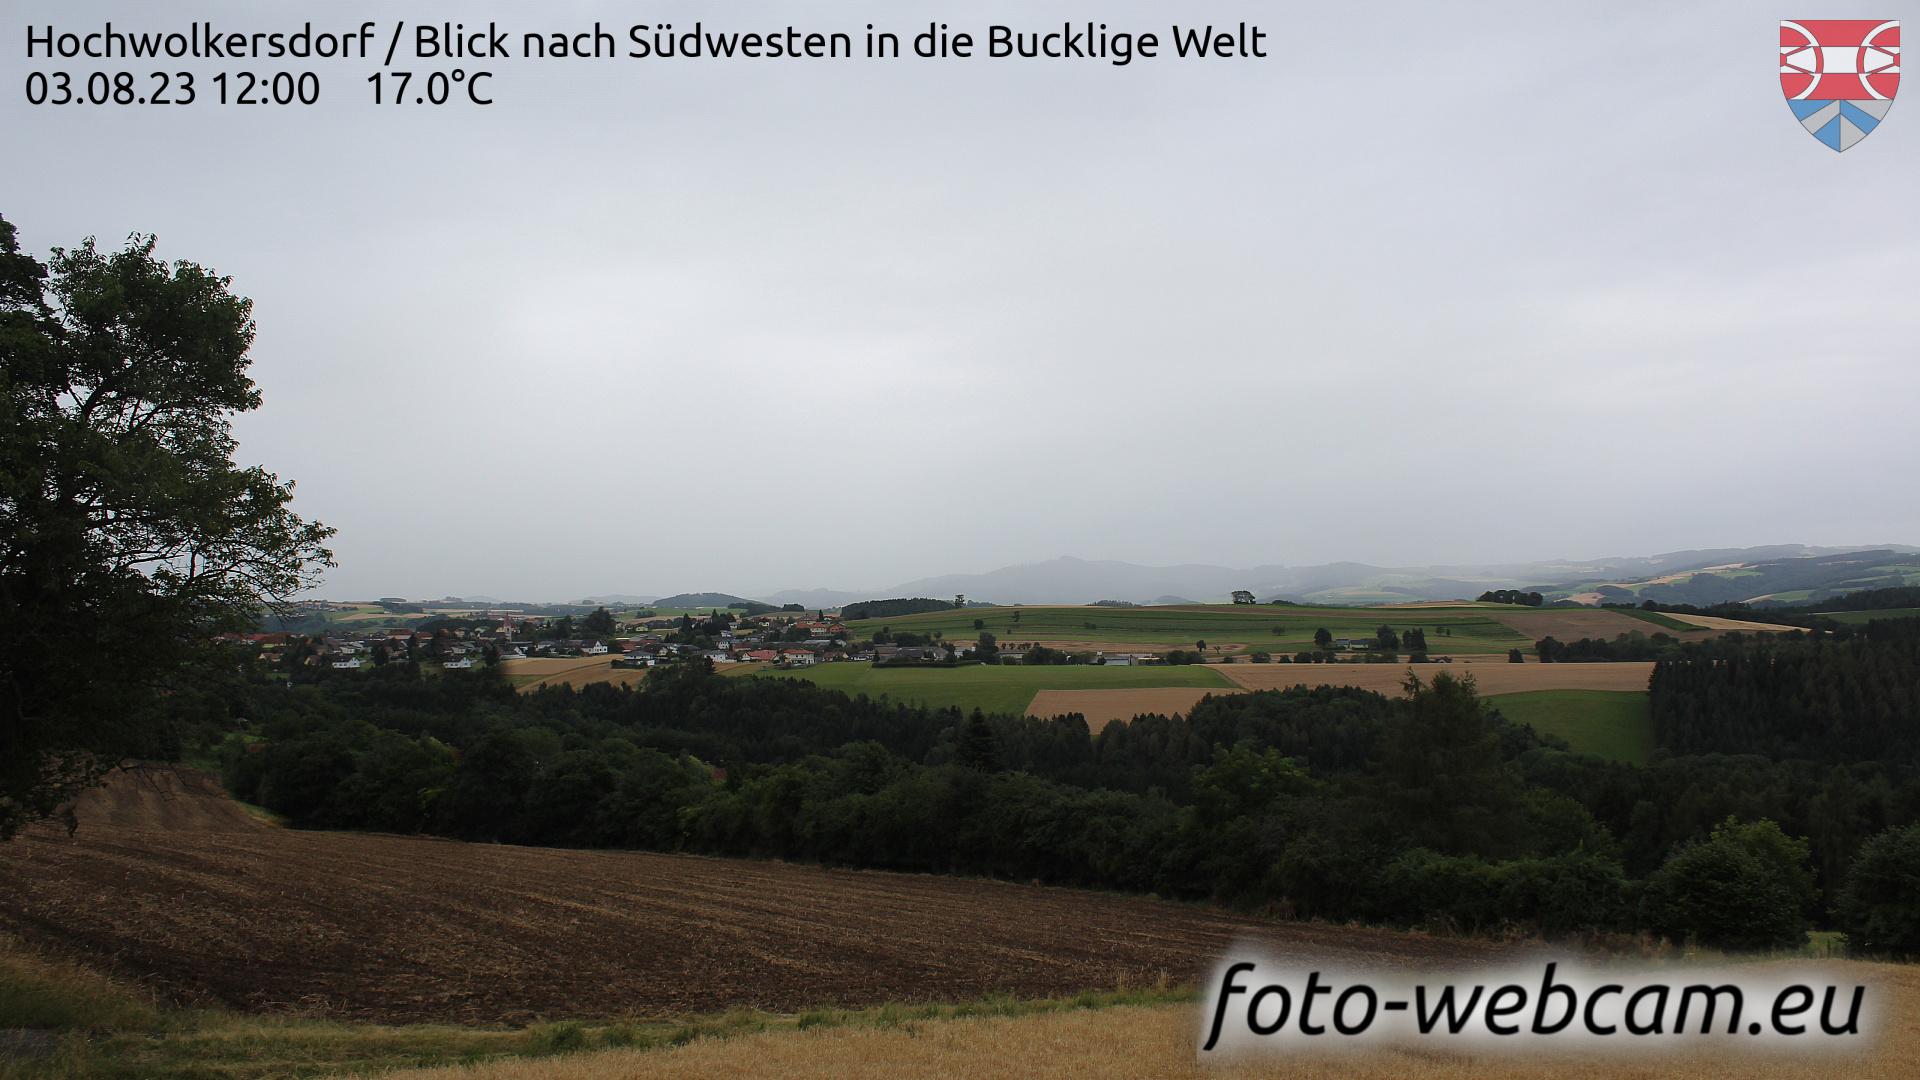 Hochwolkersdorf Wed. 12:09